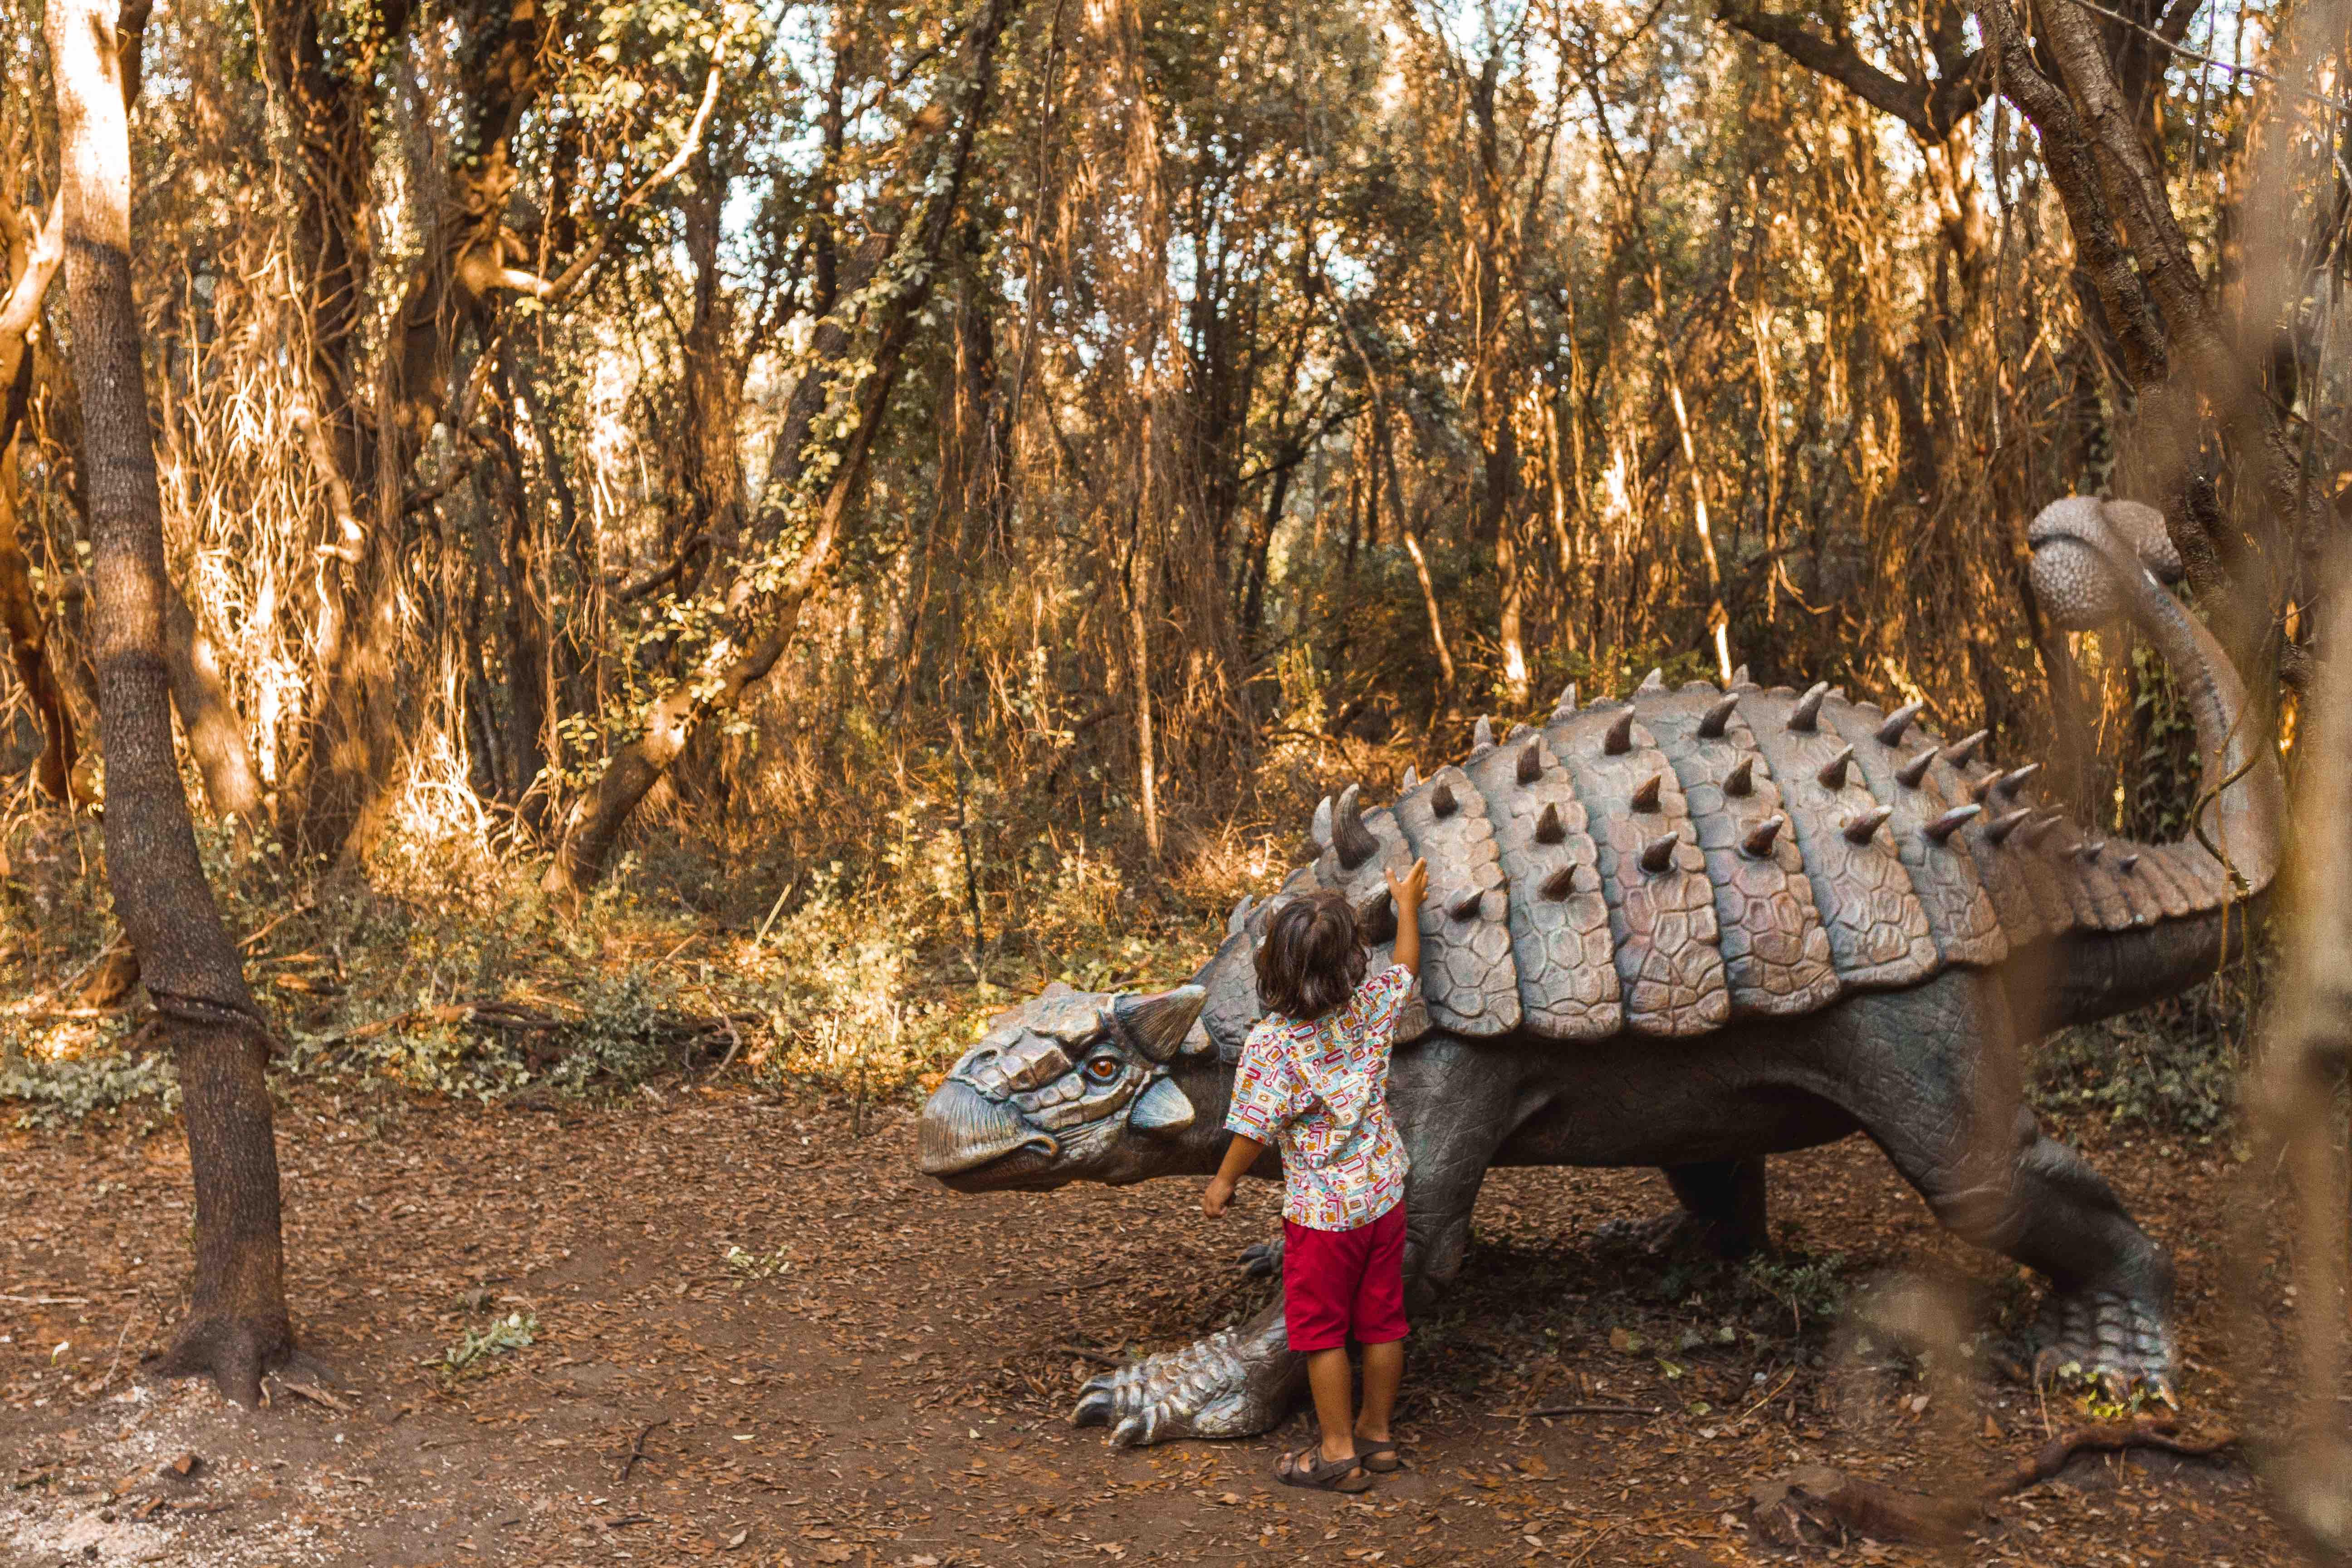 Bambino tocca dinosauro nel bosco: visita alla mostra I dinosauri in carne e ossa